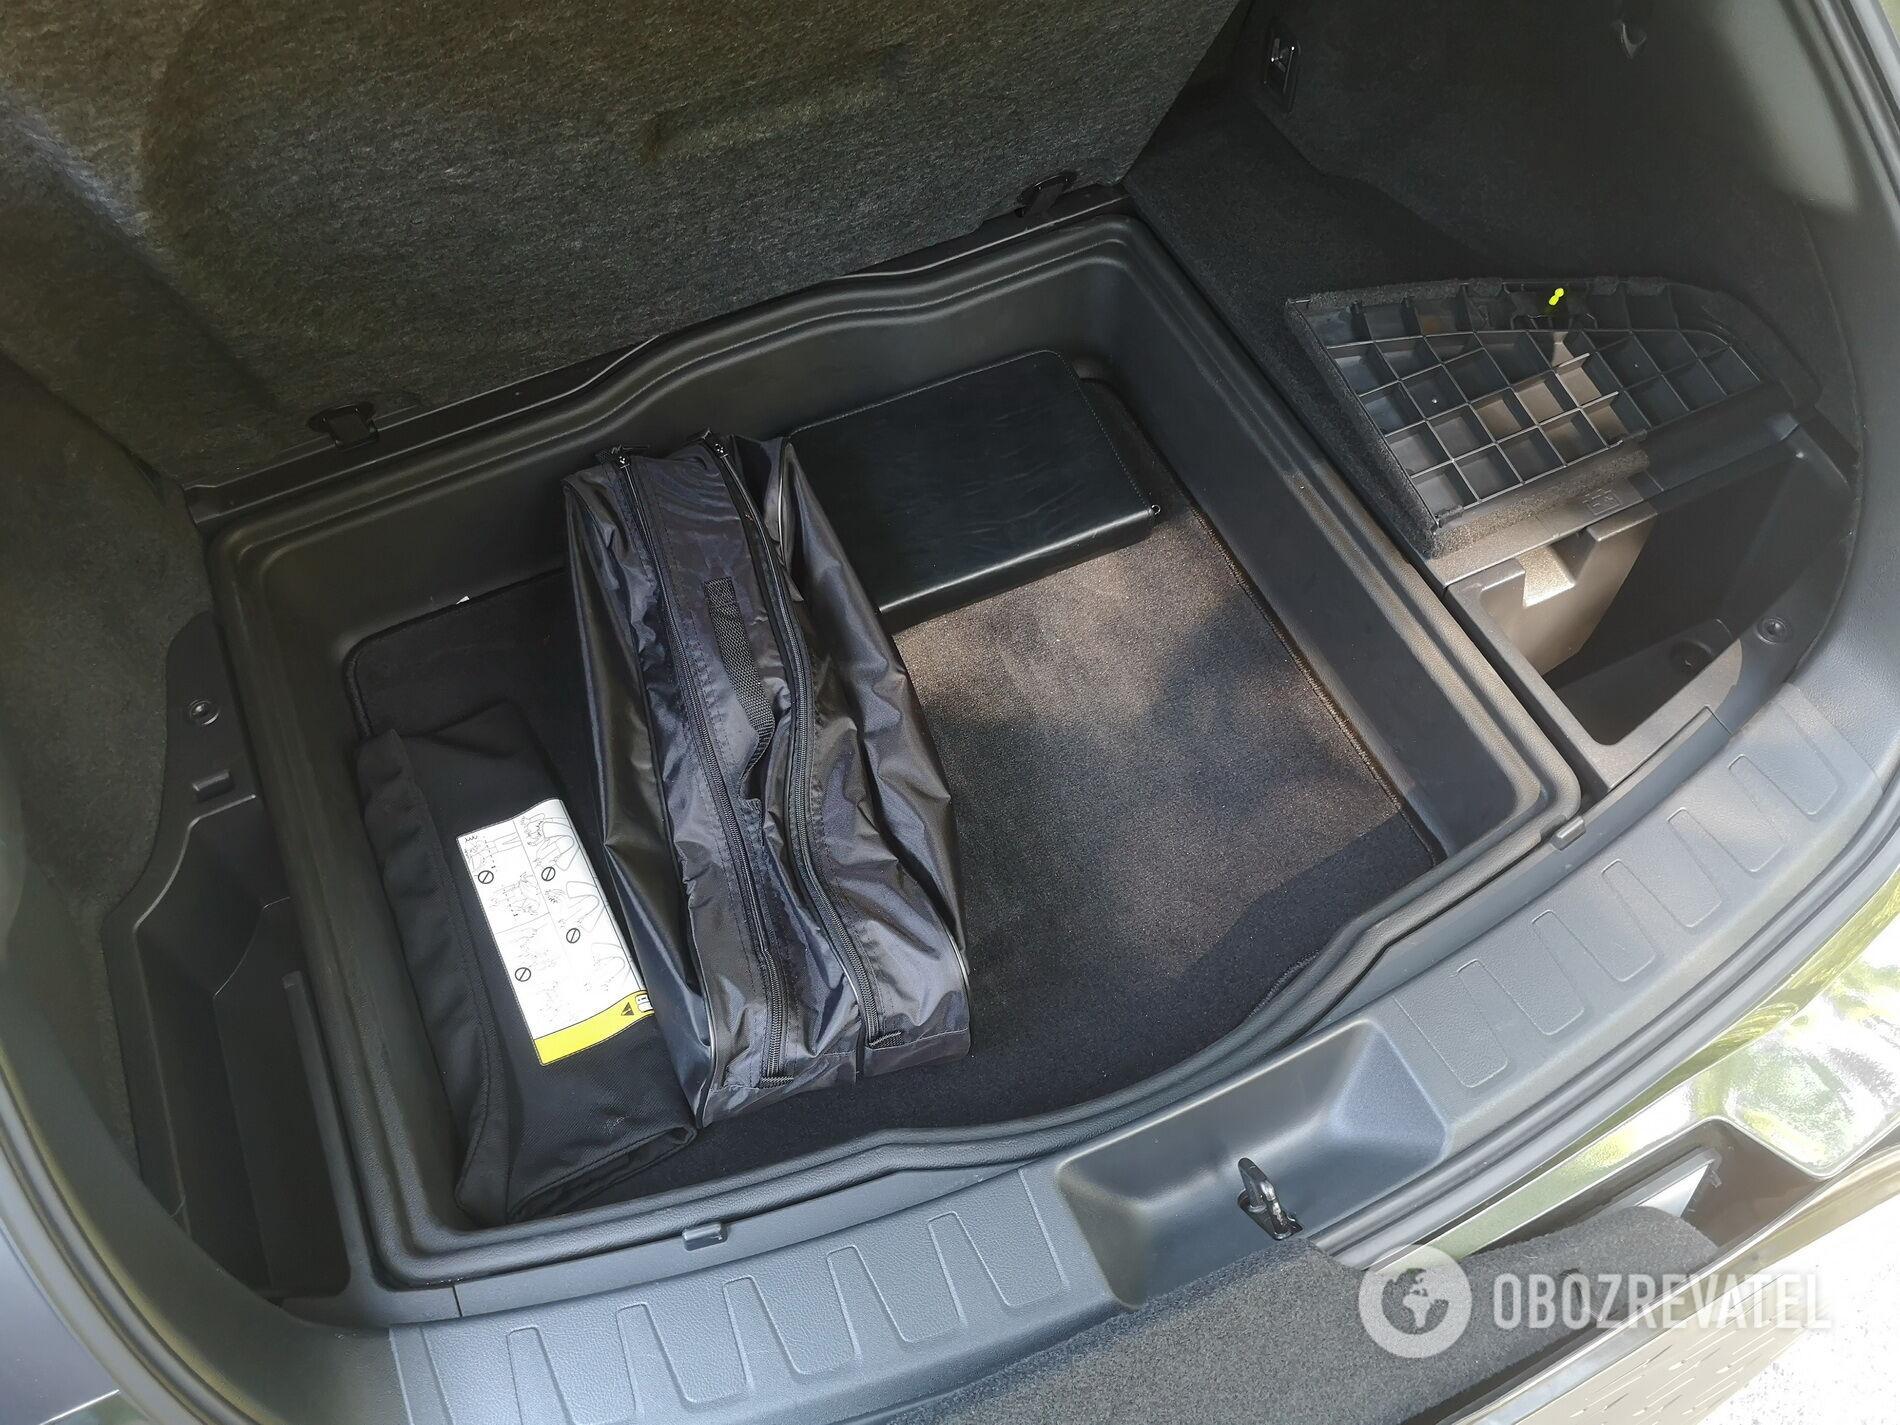 Под полом найдется еще немного места для разных мелочей и сумки с инструментами Фото: